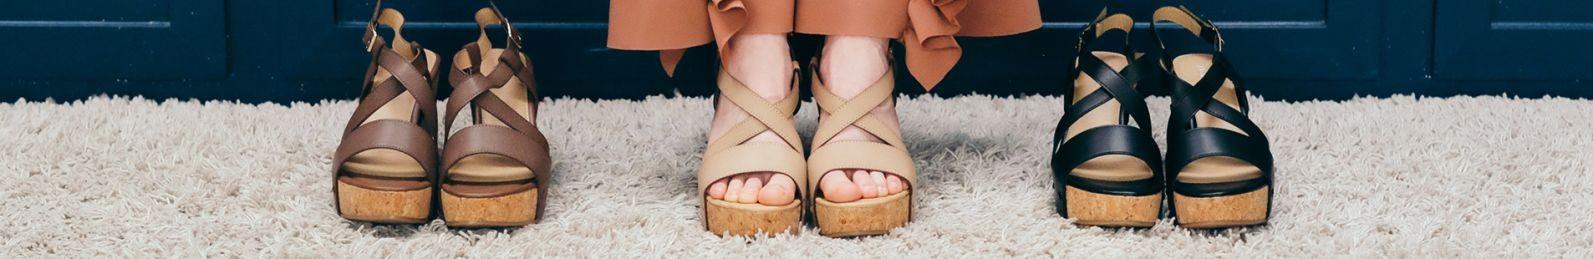 Fleurette Shoes